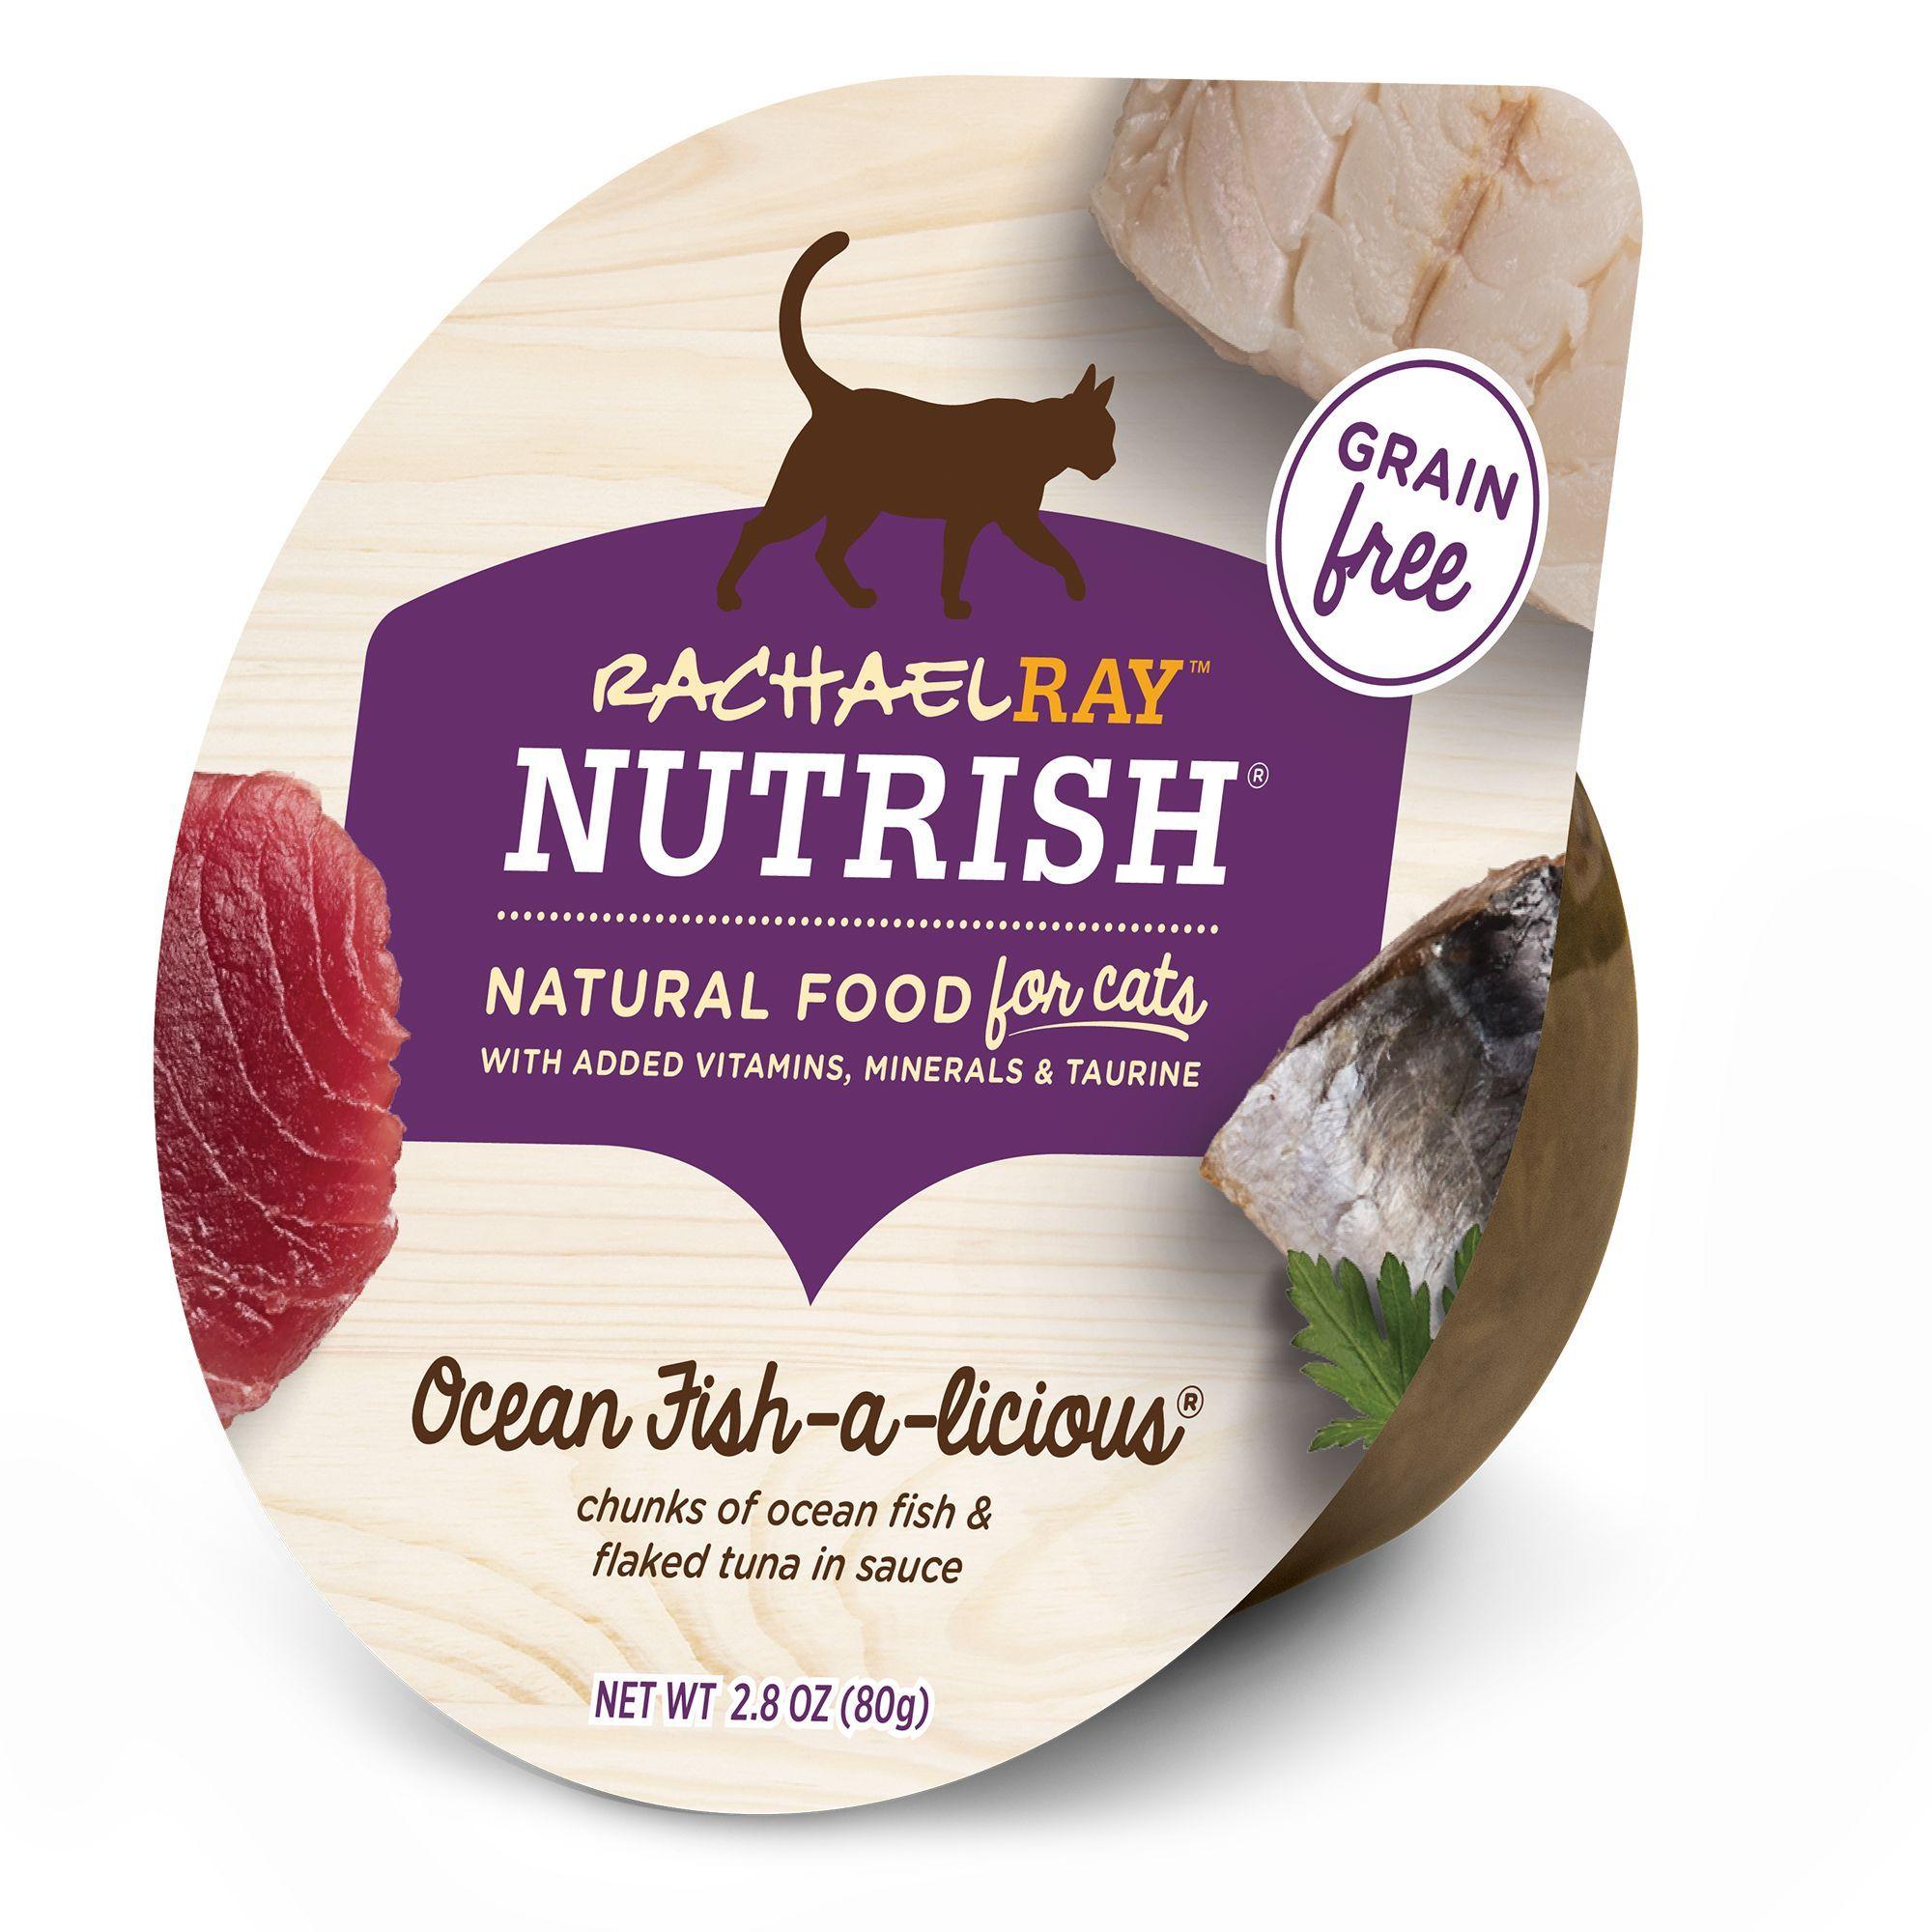 Rachael Ray Nutrish Cat Food Natural Grain Free Ocean Fish A